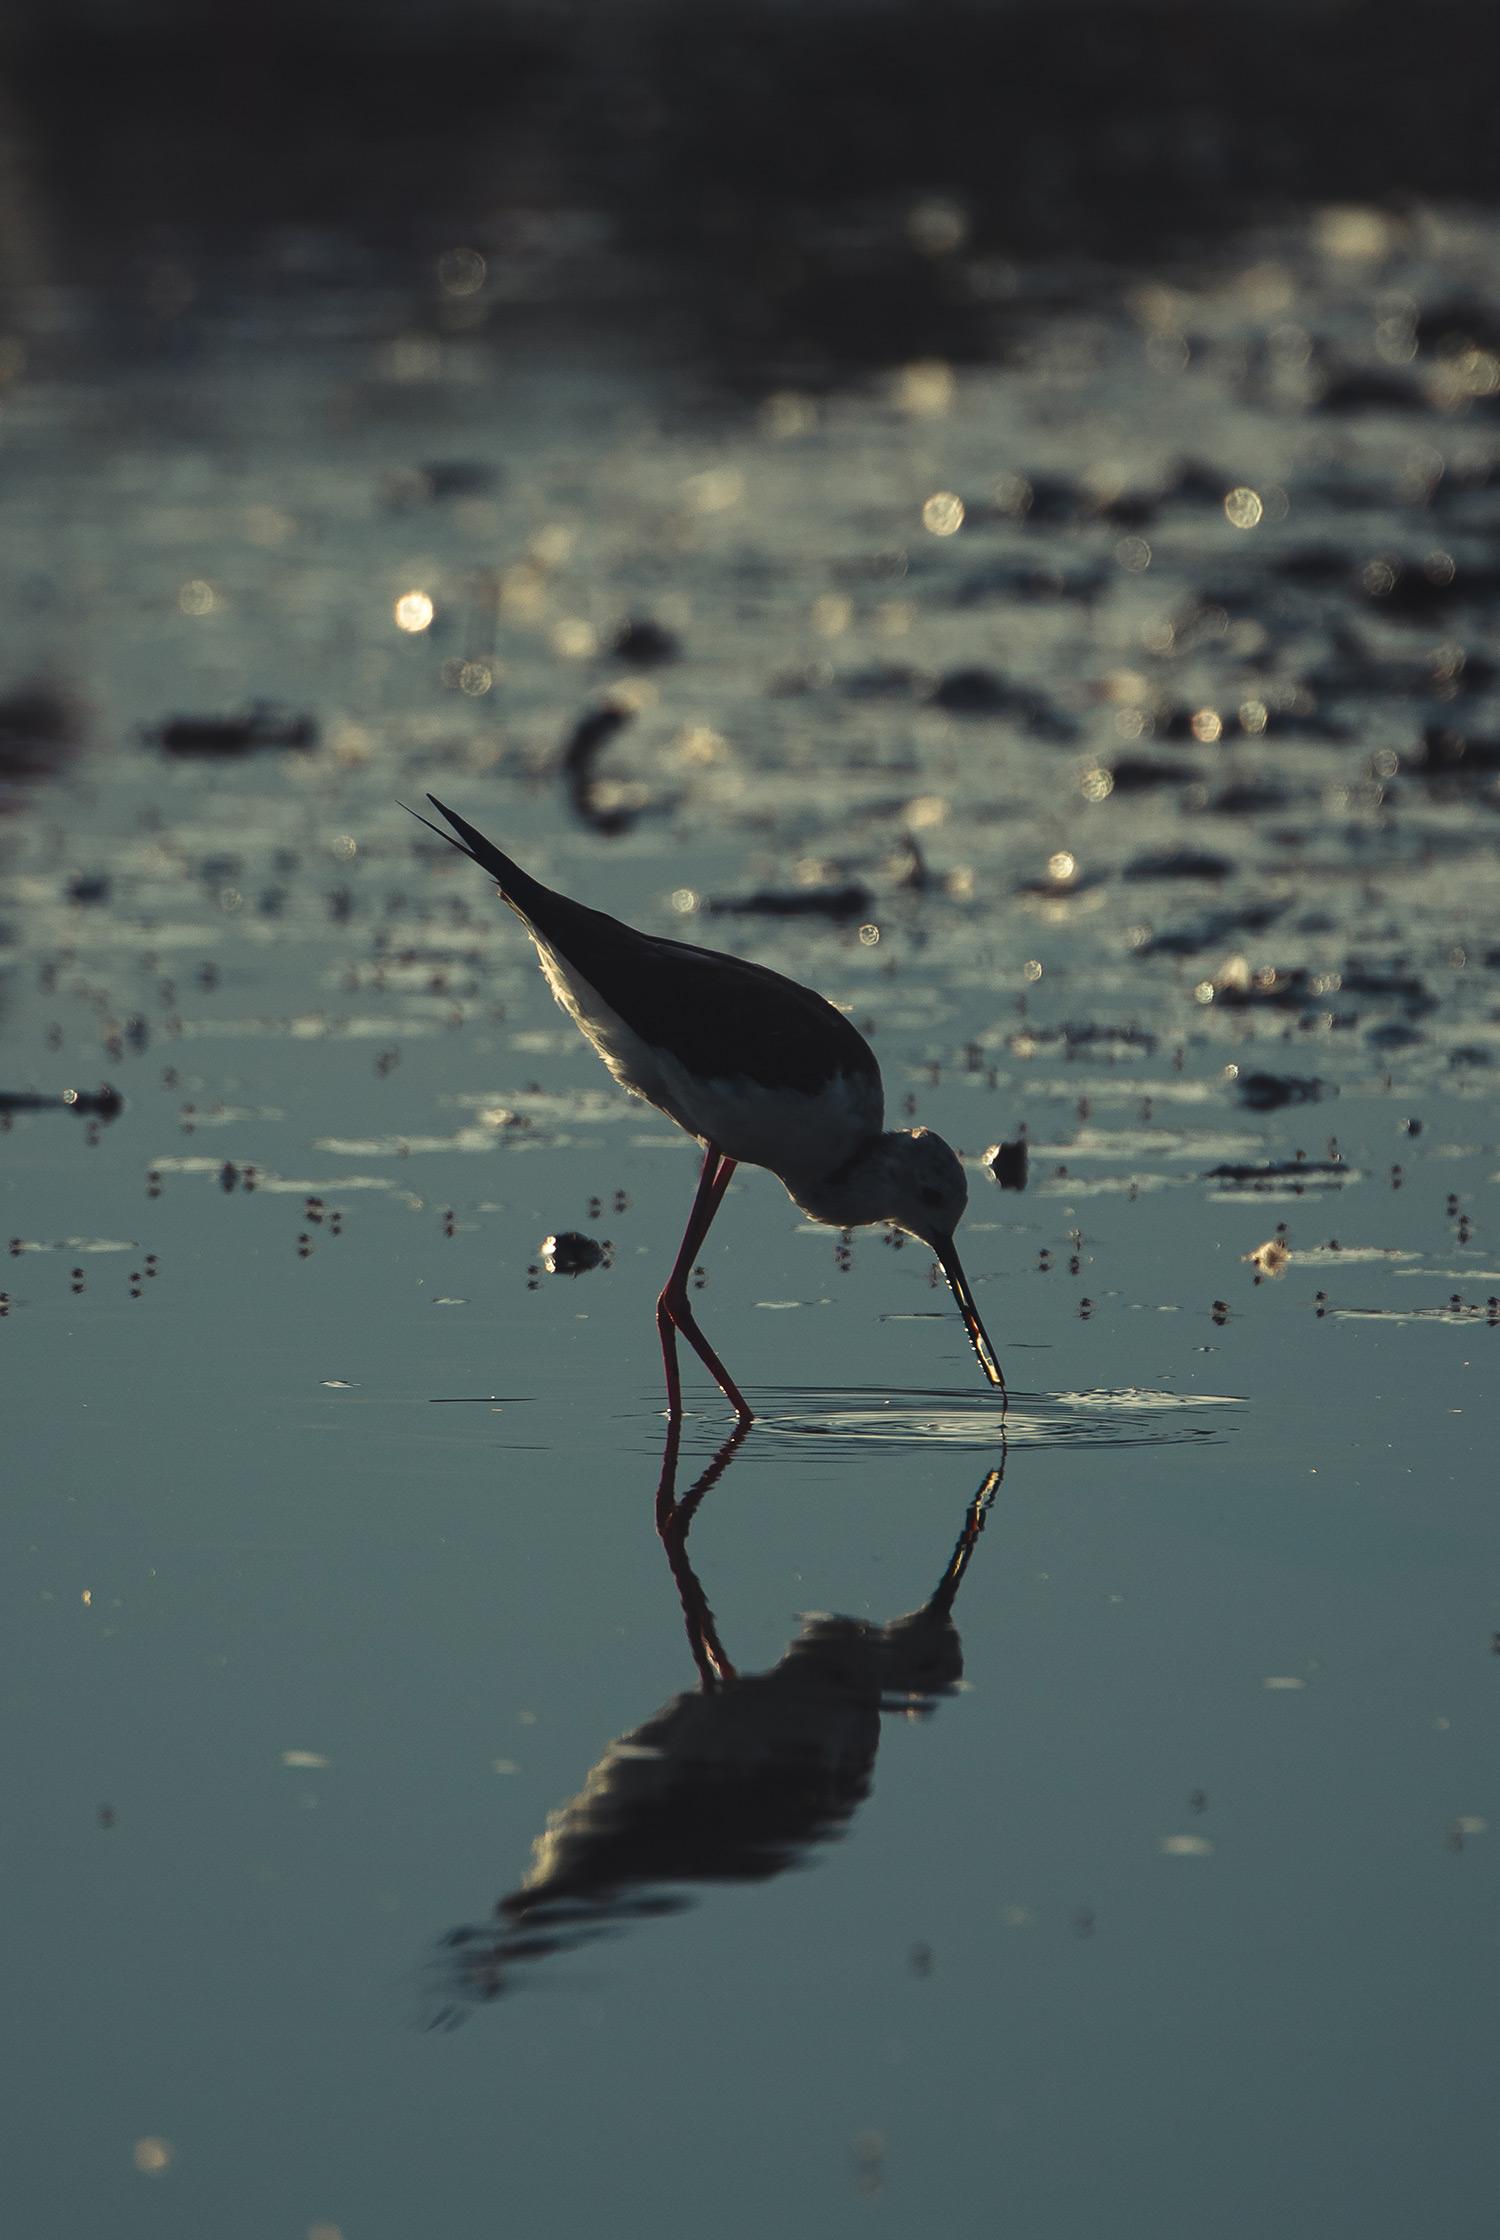 Petit oiseau dans l'eau